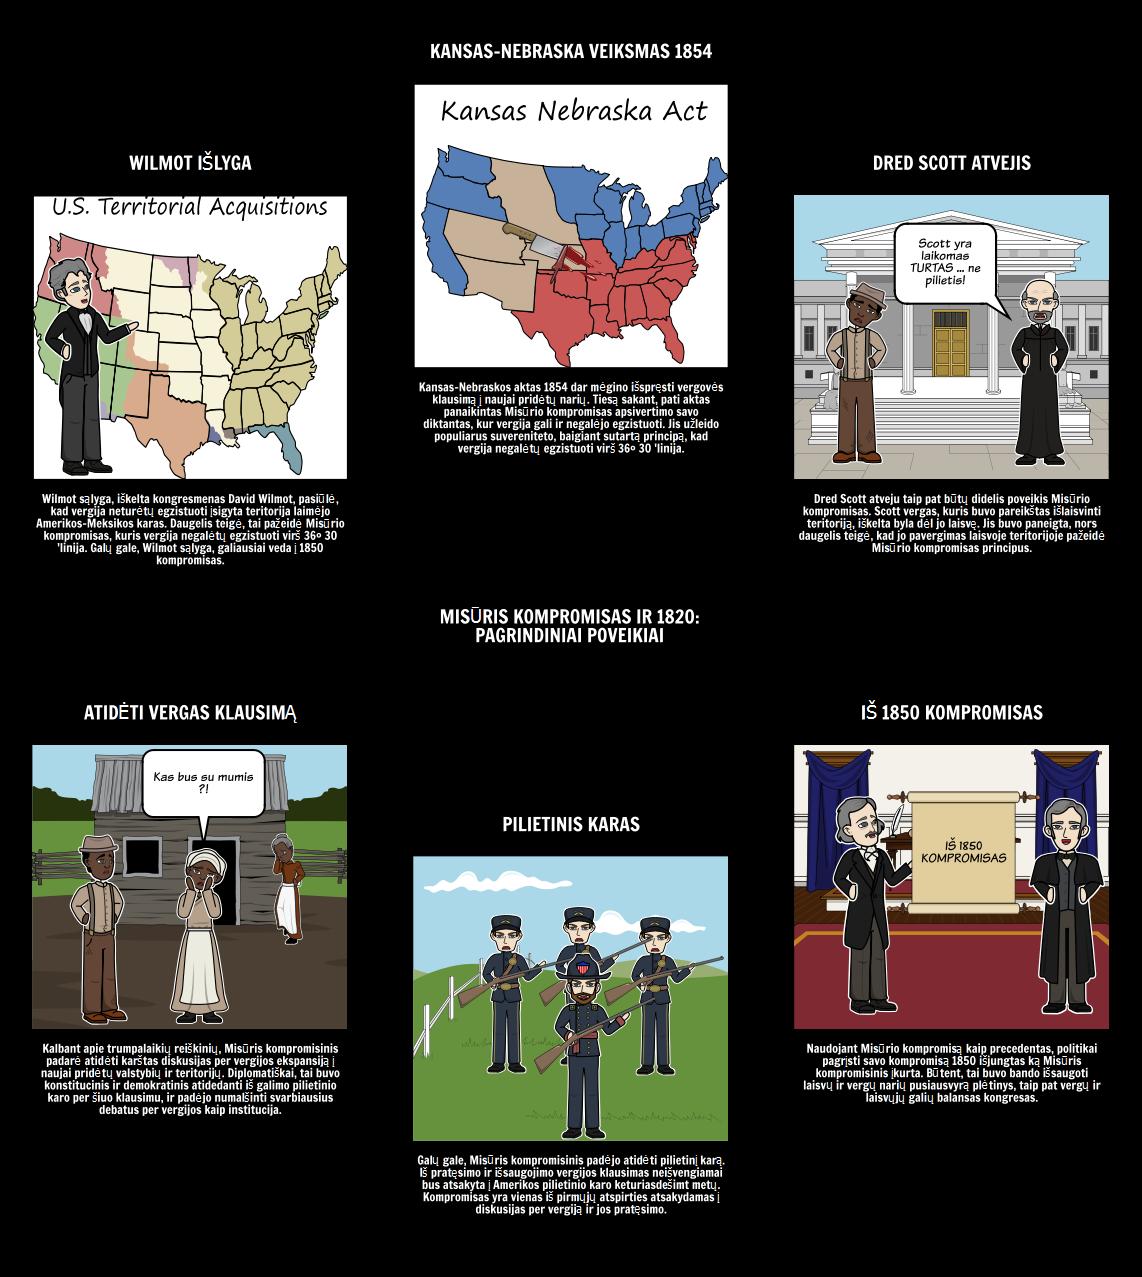 Misūris kompromisas 1820 - pagrindiniai poveikiai